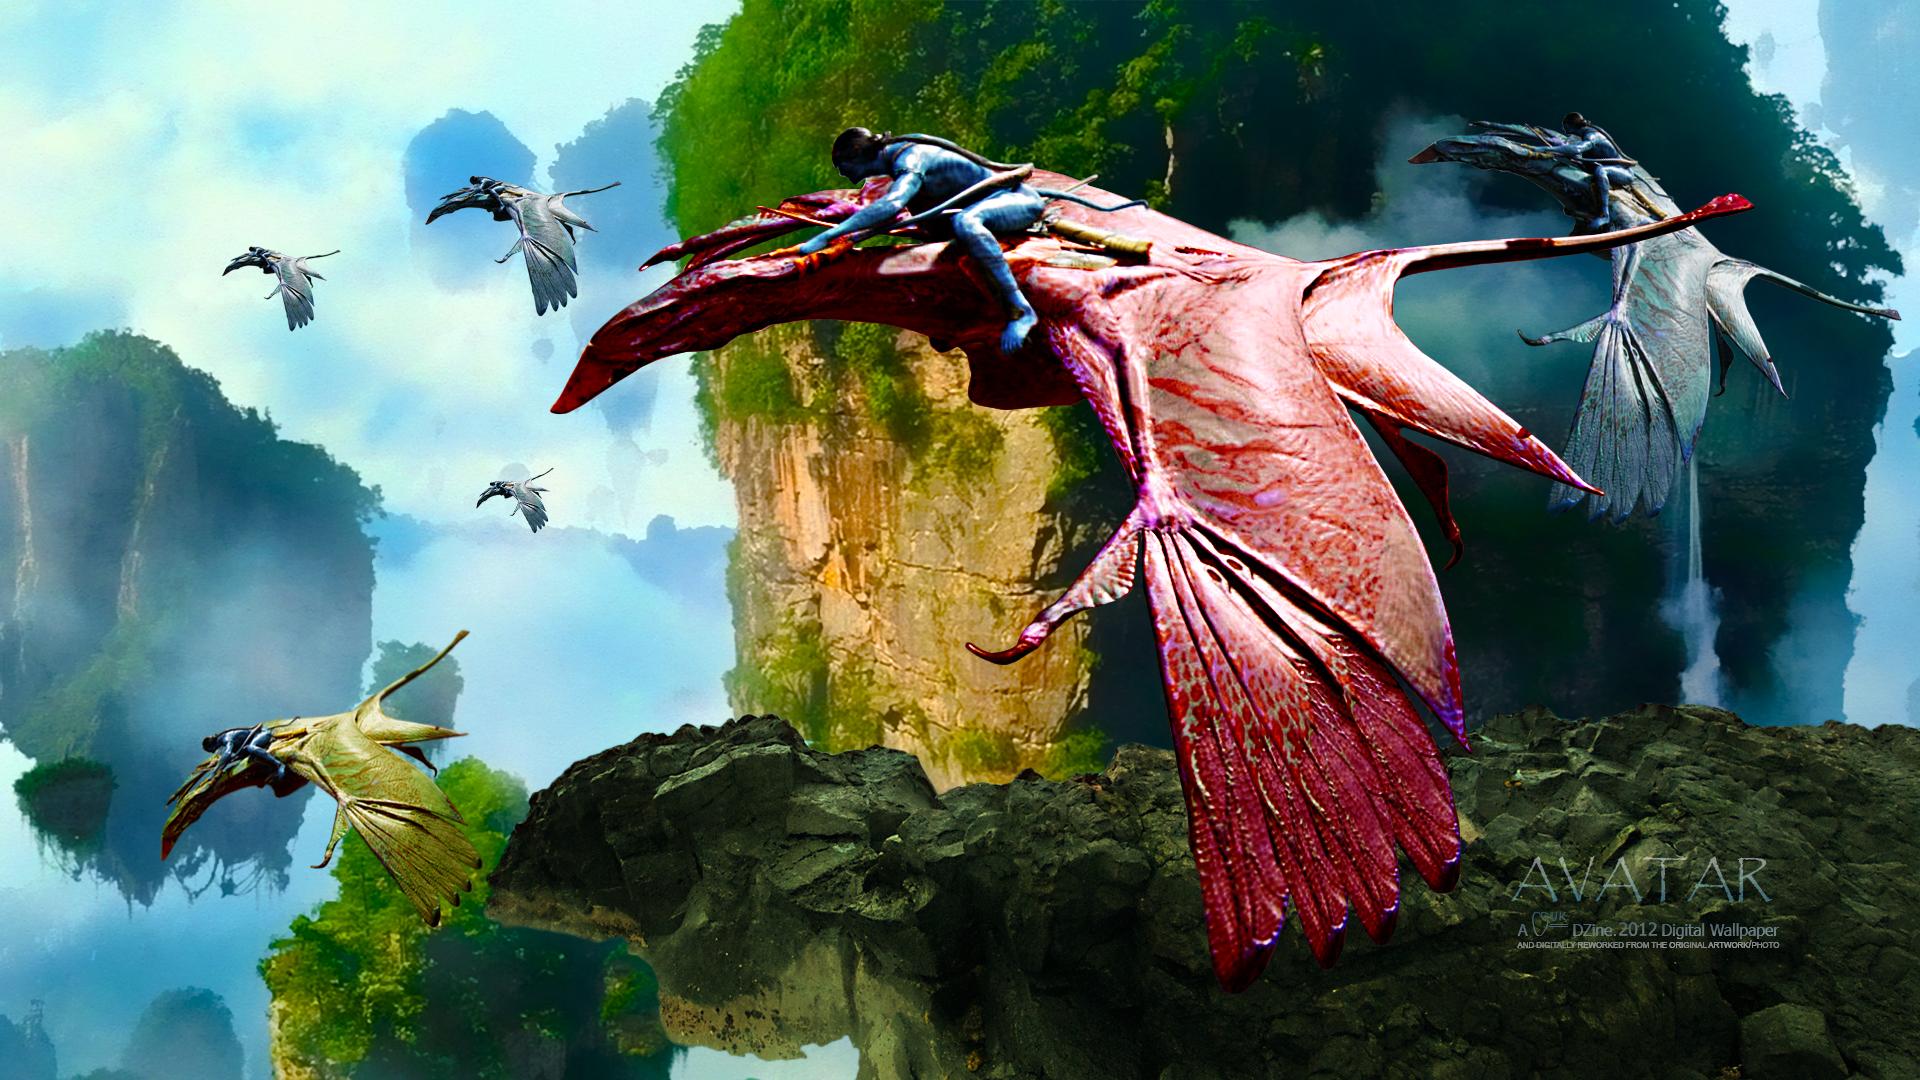 Avatar Wallpaper For Pc 9